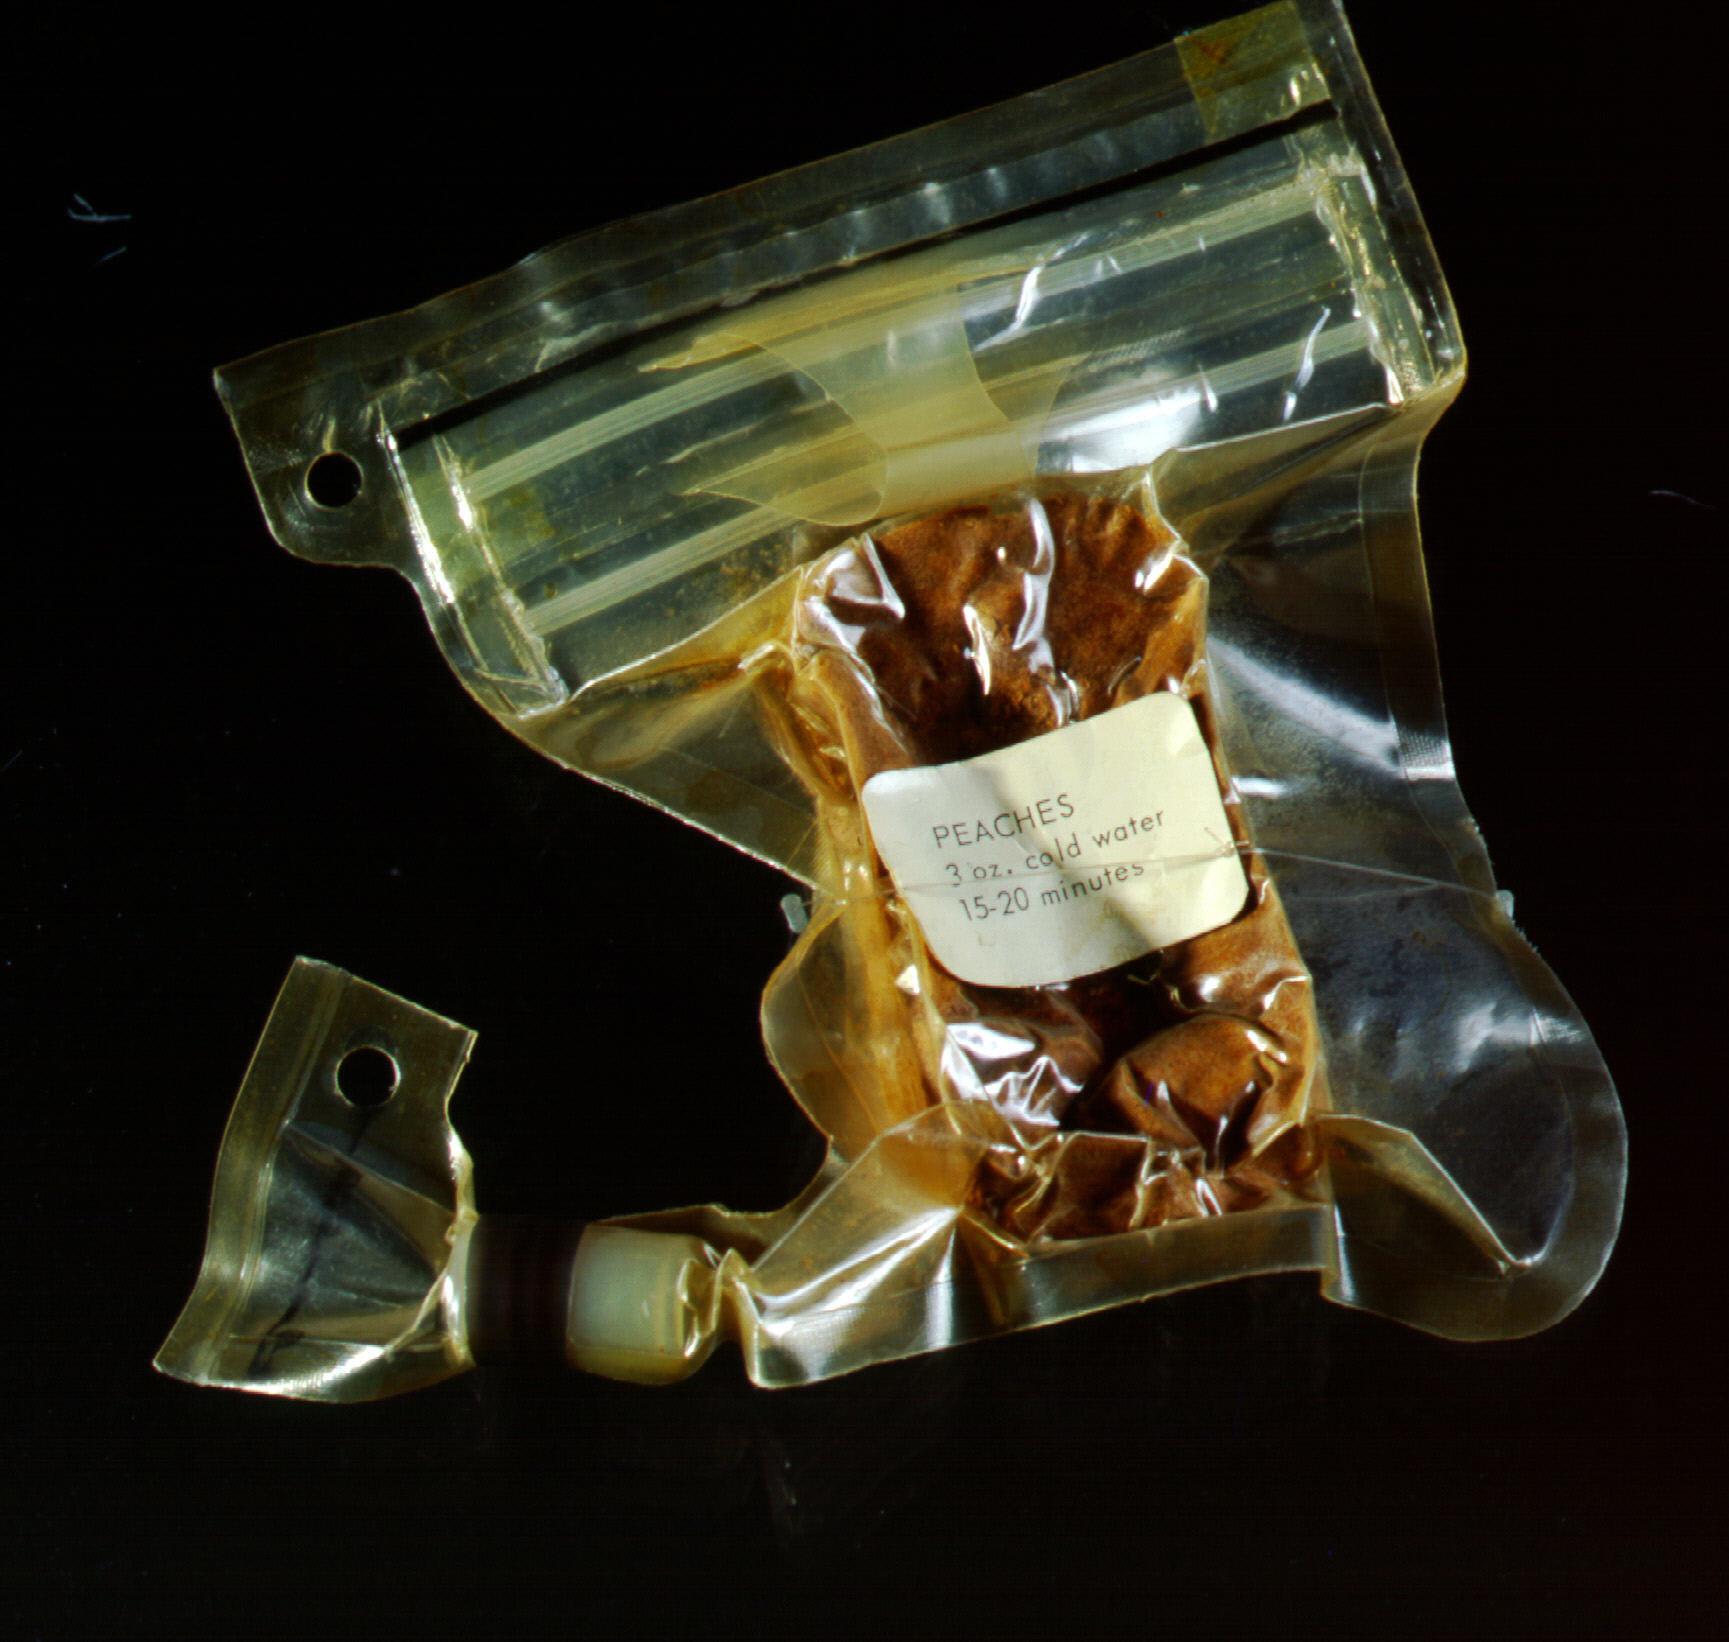 apollo 11 space food - photo #9